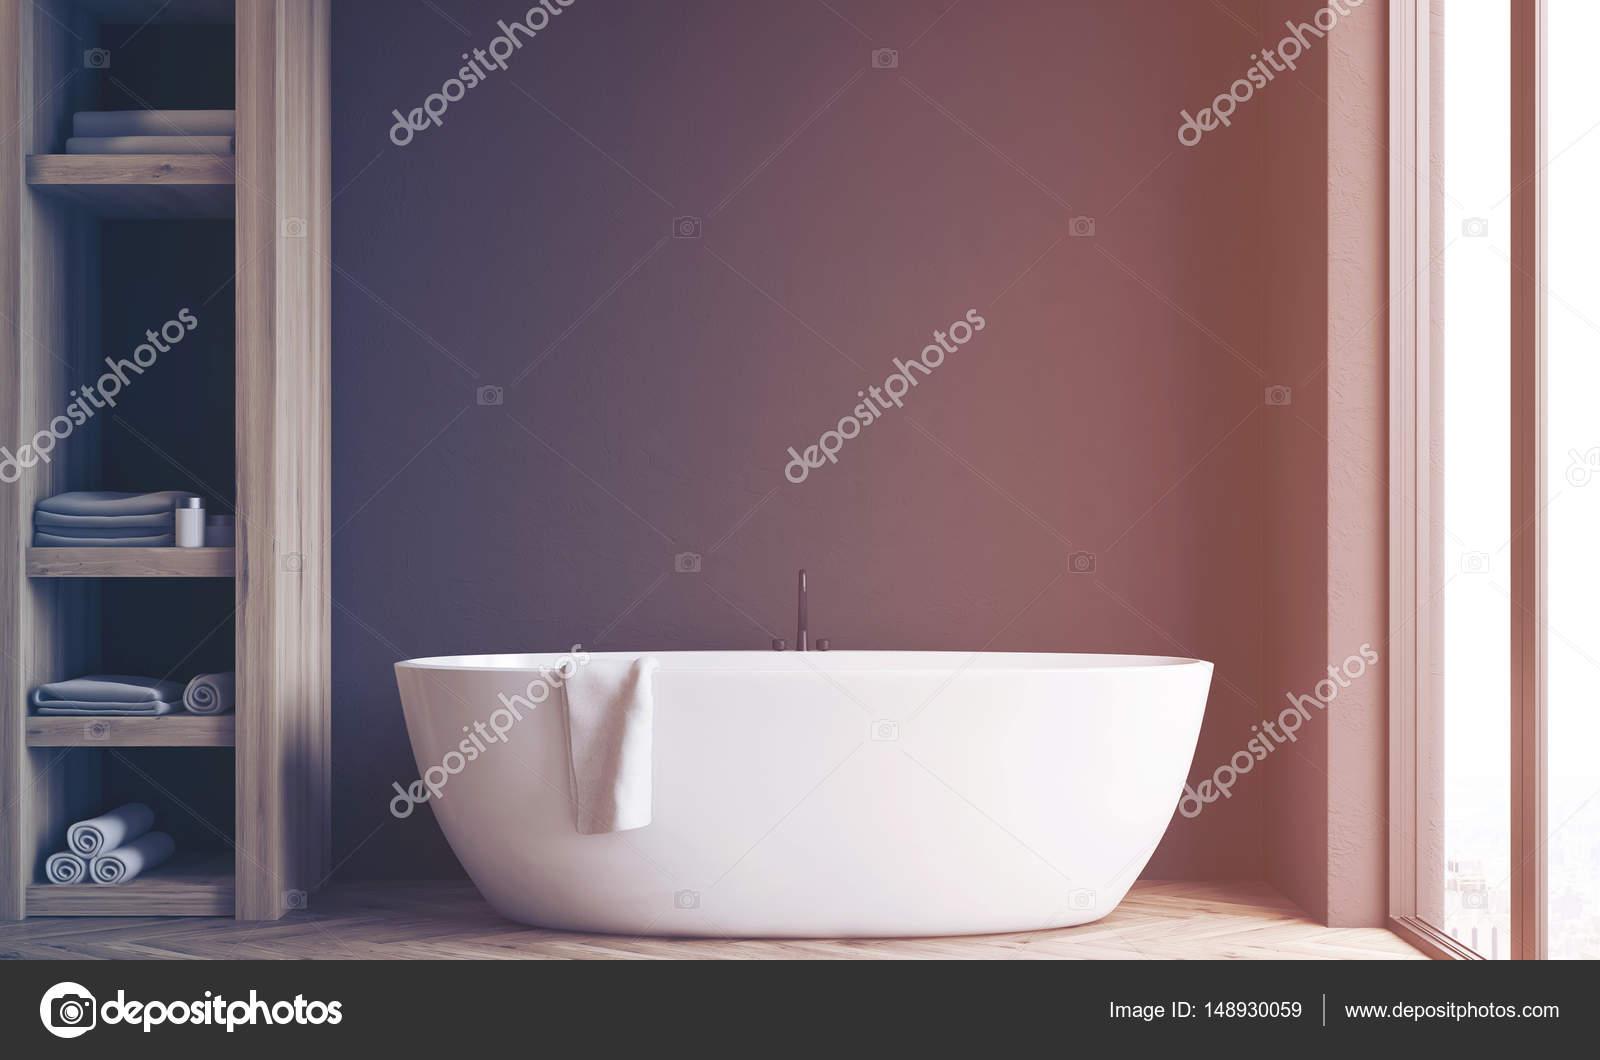 Kolomkast Badkamer Zwart : Kolomkast badkamer new sonos badkamer ut van design keukens en